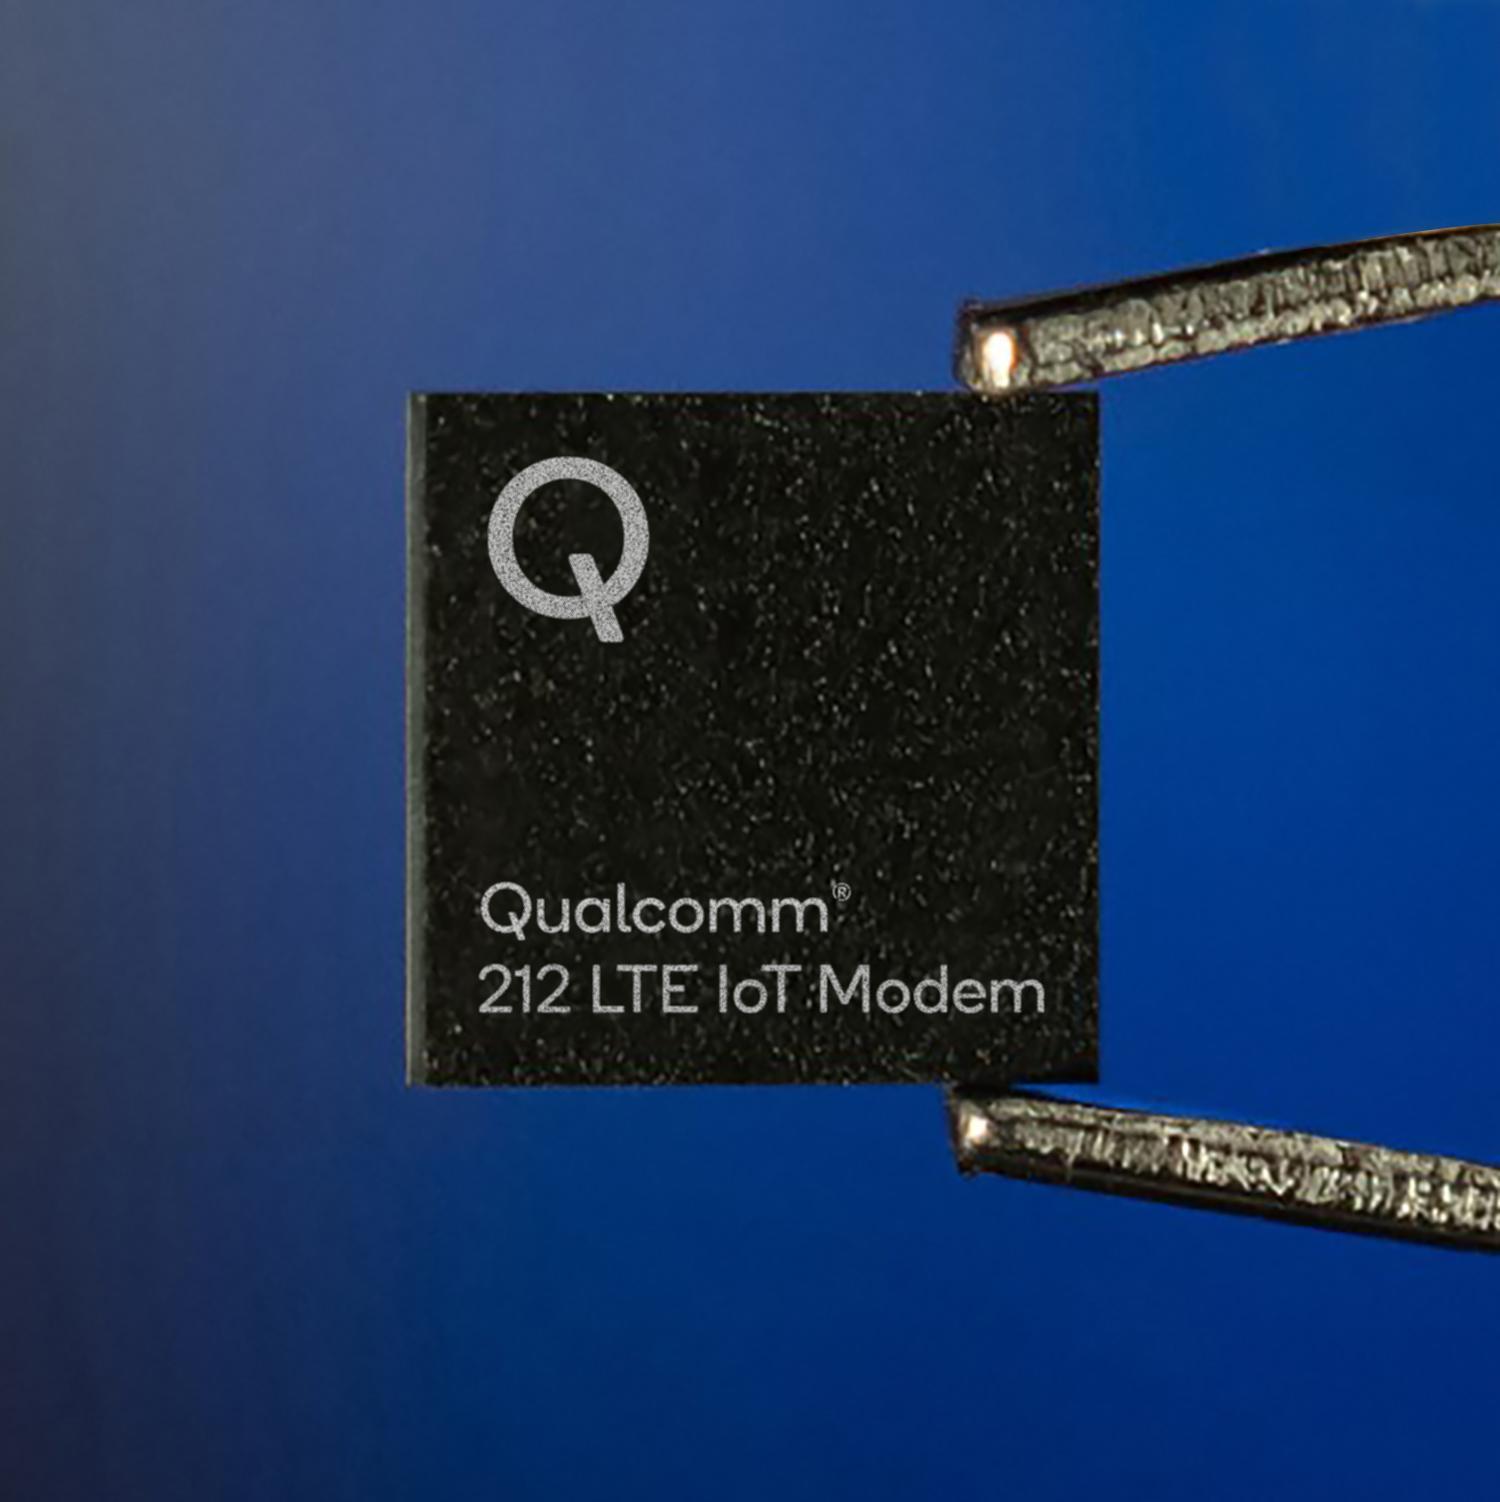 أعلنت شركة كوالكوم عن مجموعة شرائح NB2 IoT الأكثر كفاءة في الطاقة في العالم 2